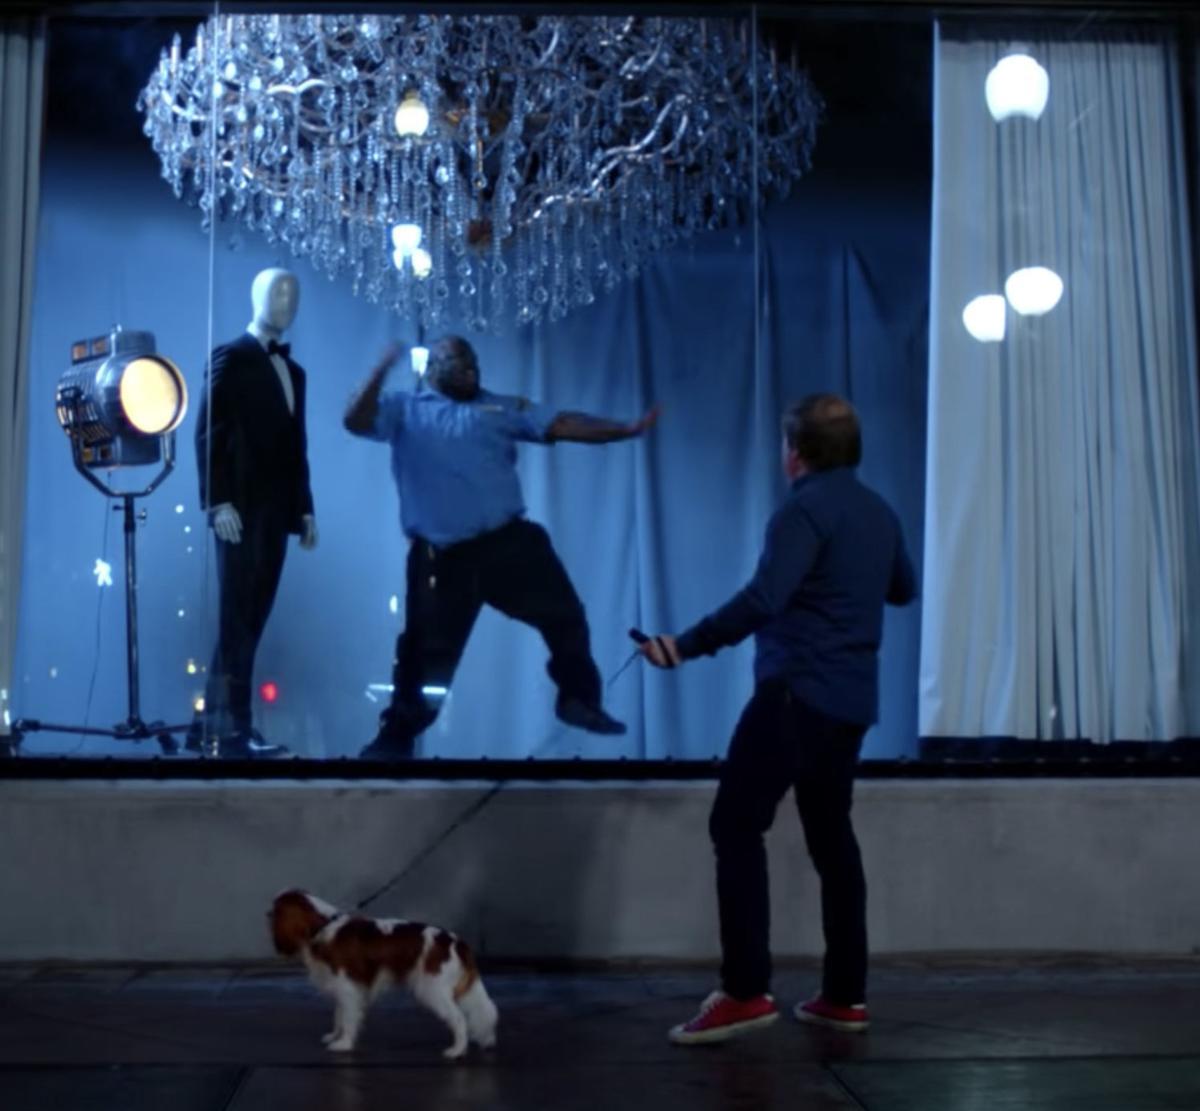 Screen shot from U tube video